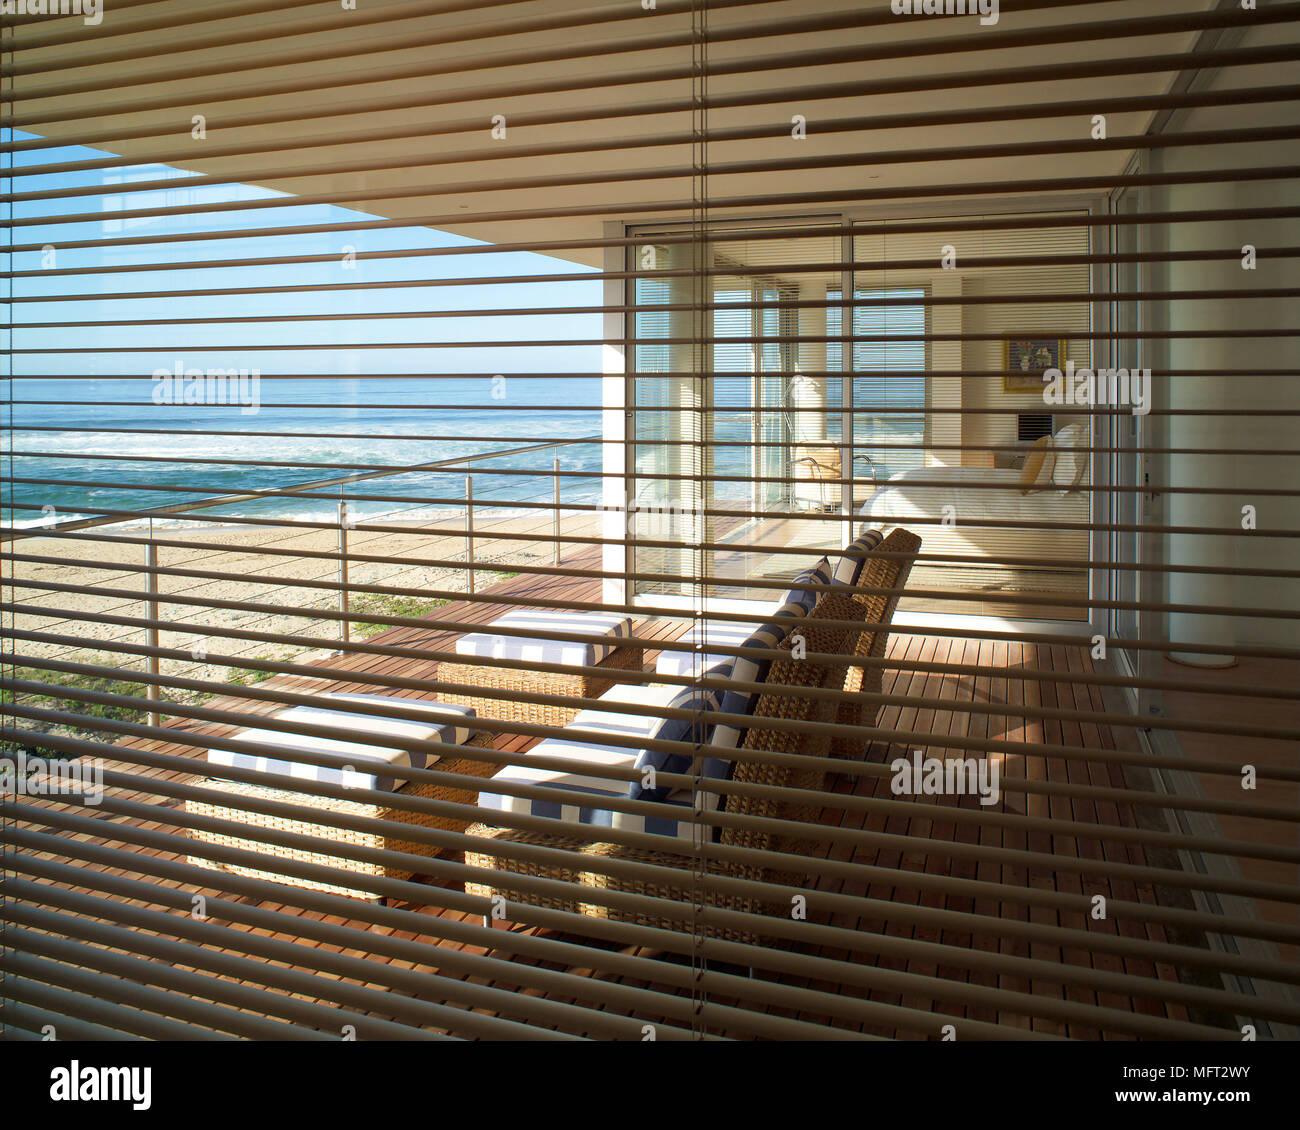 Blick durch die Jalousien auf Terrasse mit Holzterrasse Korbstühlen ...